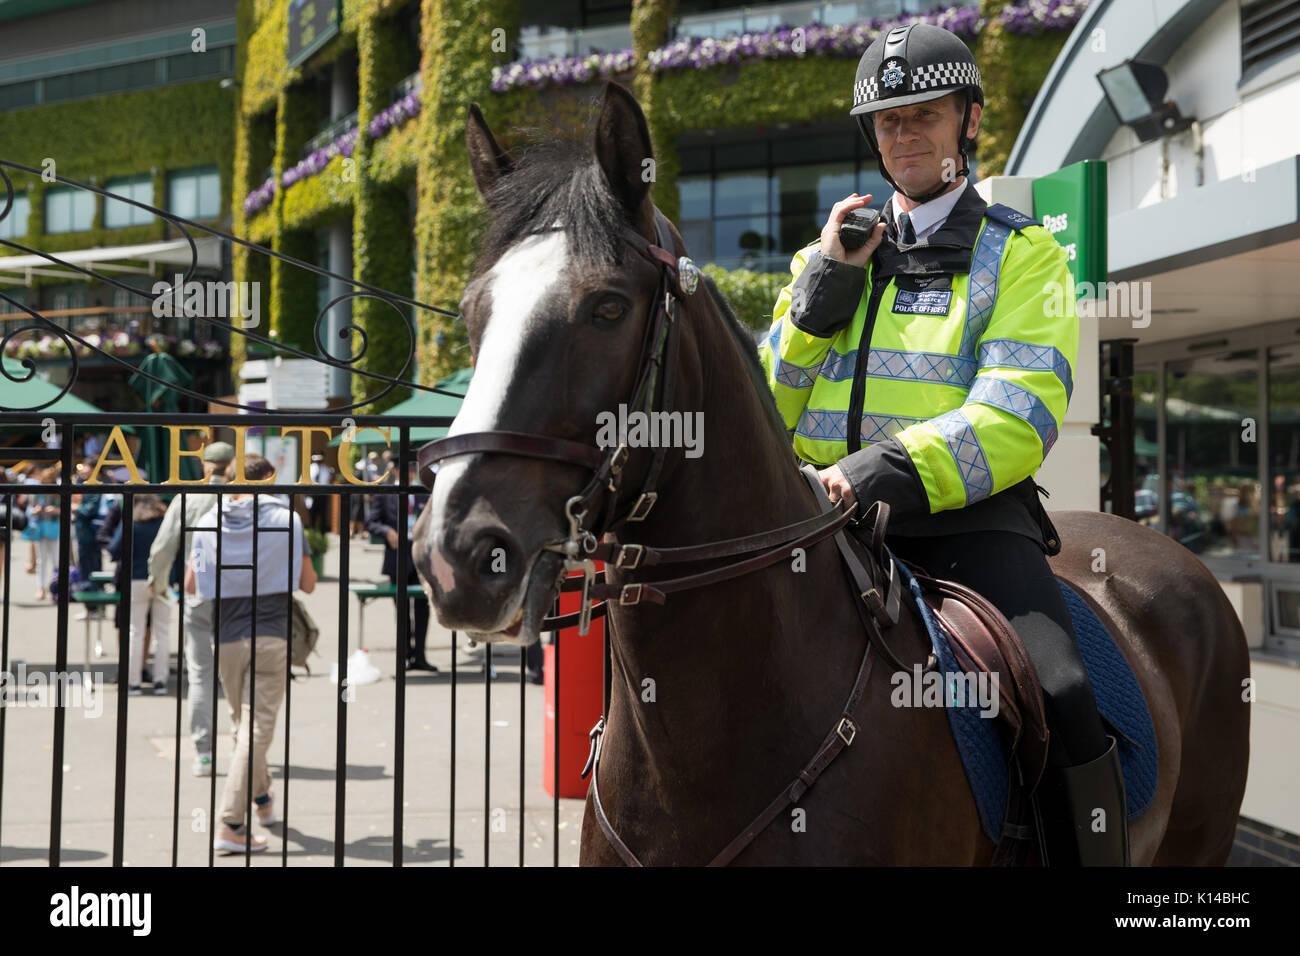 La policía montada a caballo fuera de los campeonatos de Wimbledon Imagen De Stock